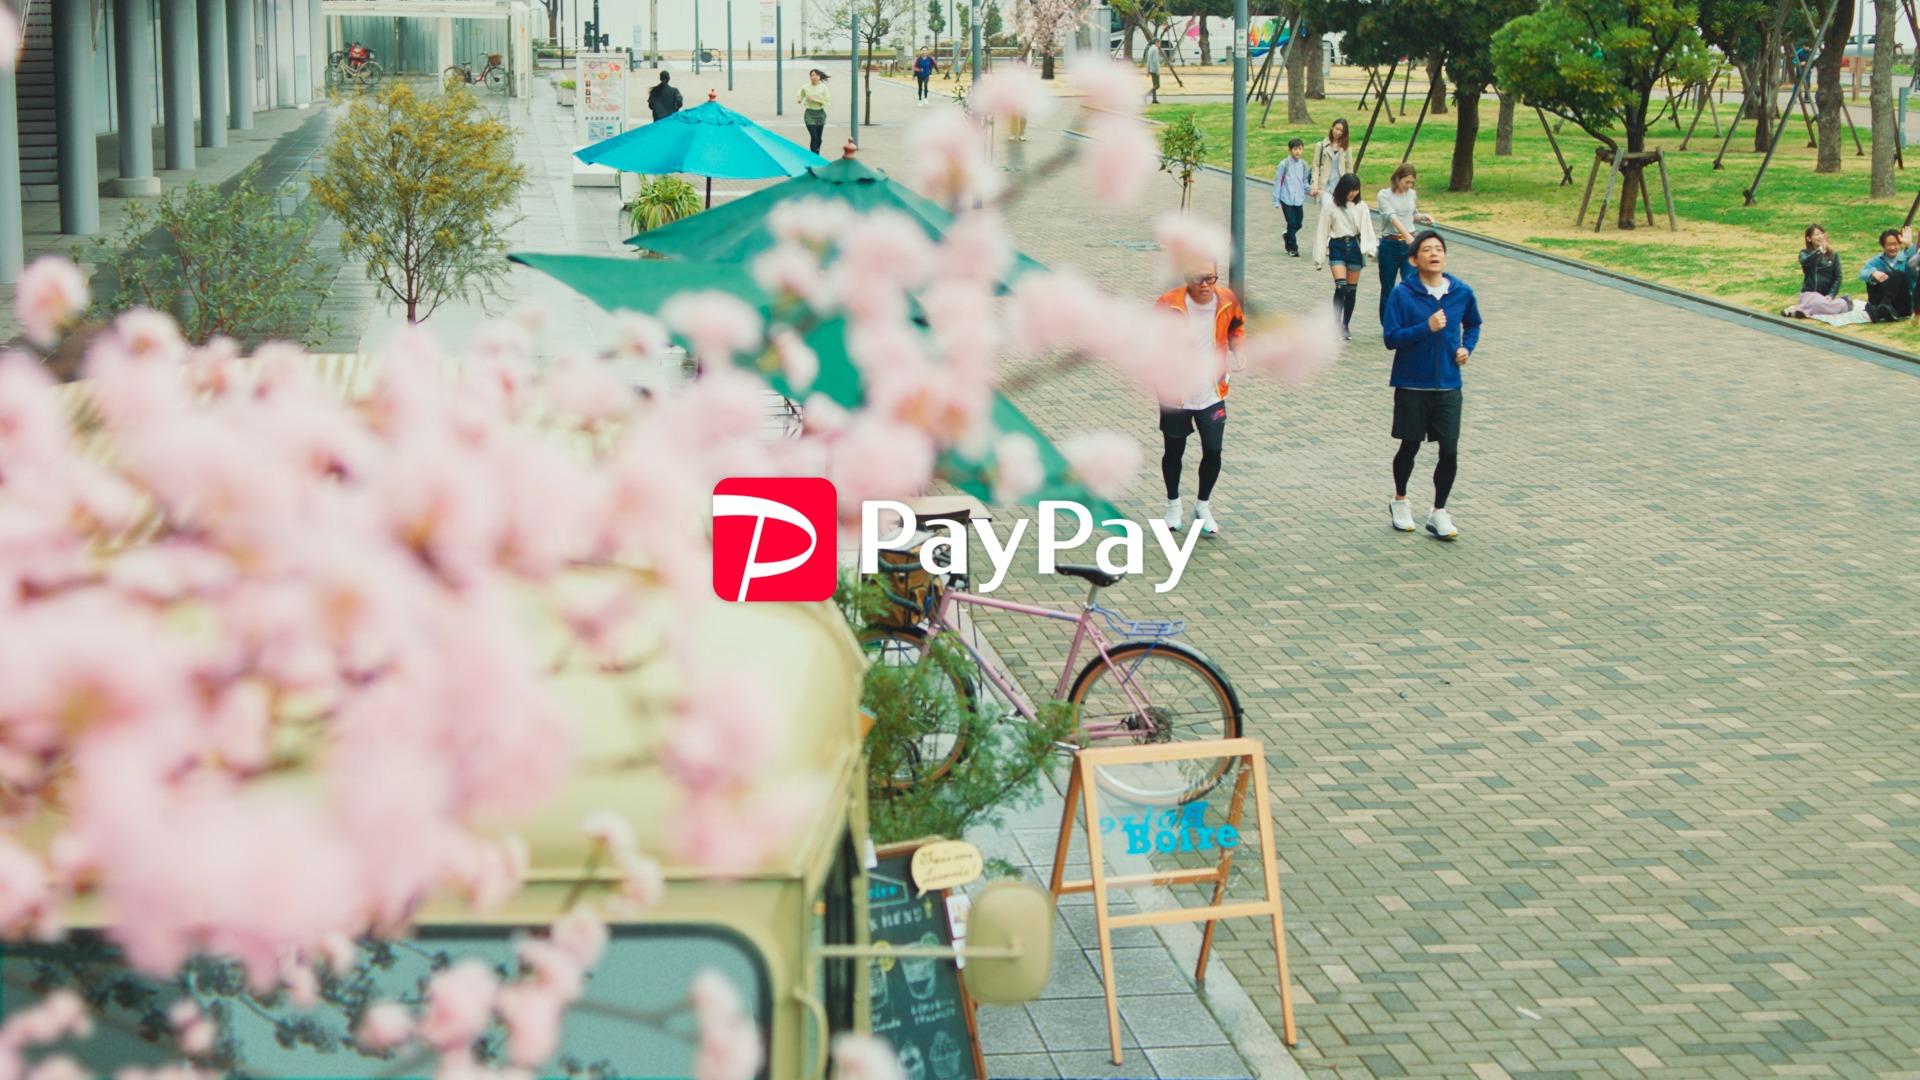 PayPay 「現金触らずキャッシュレス 春」篇 TVCM(モーショングラフィックス)